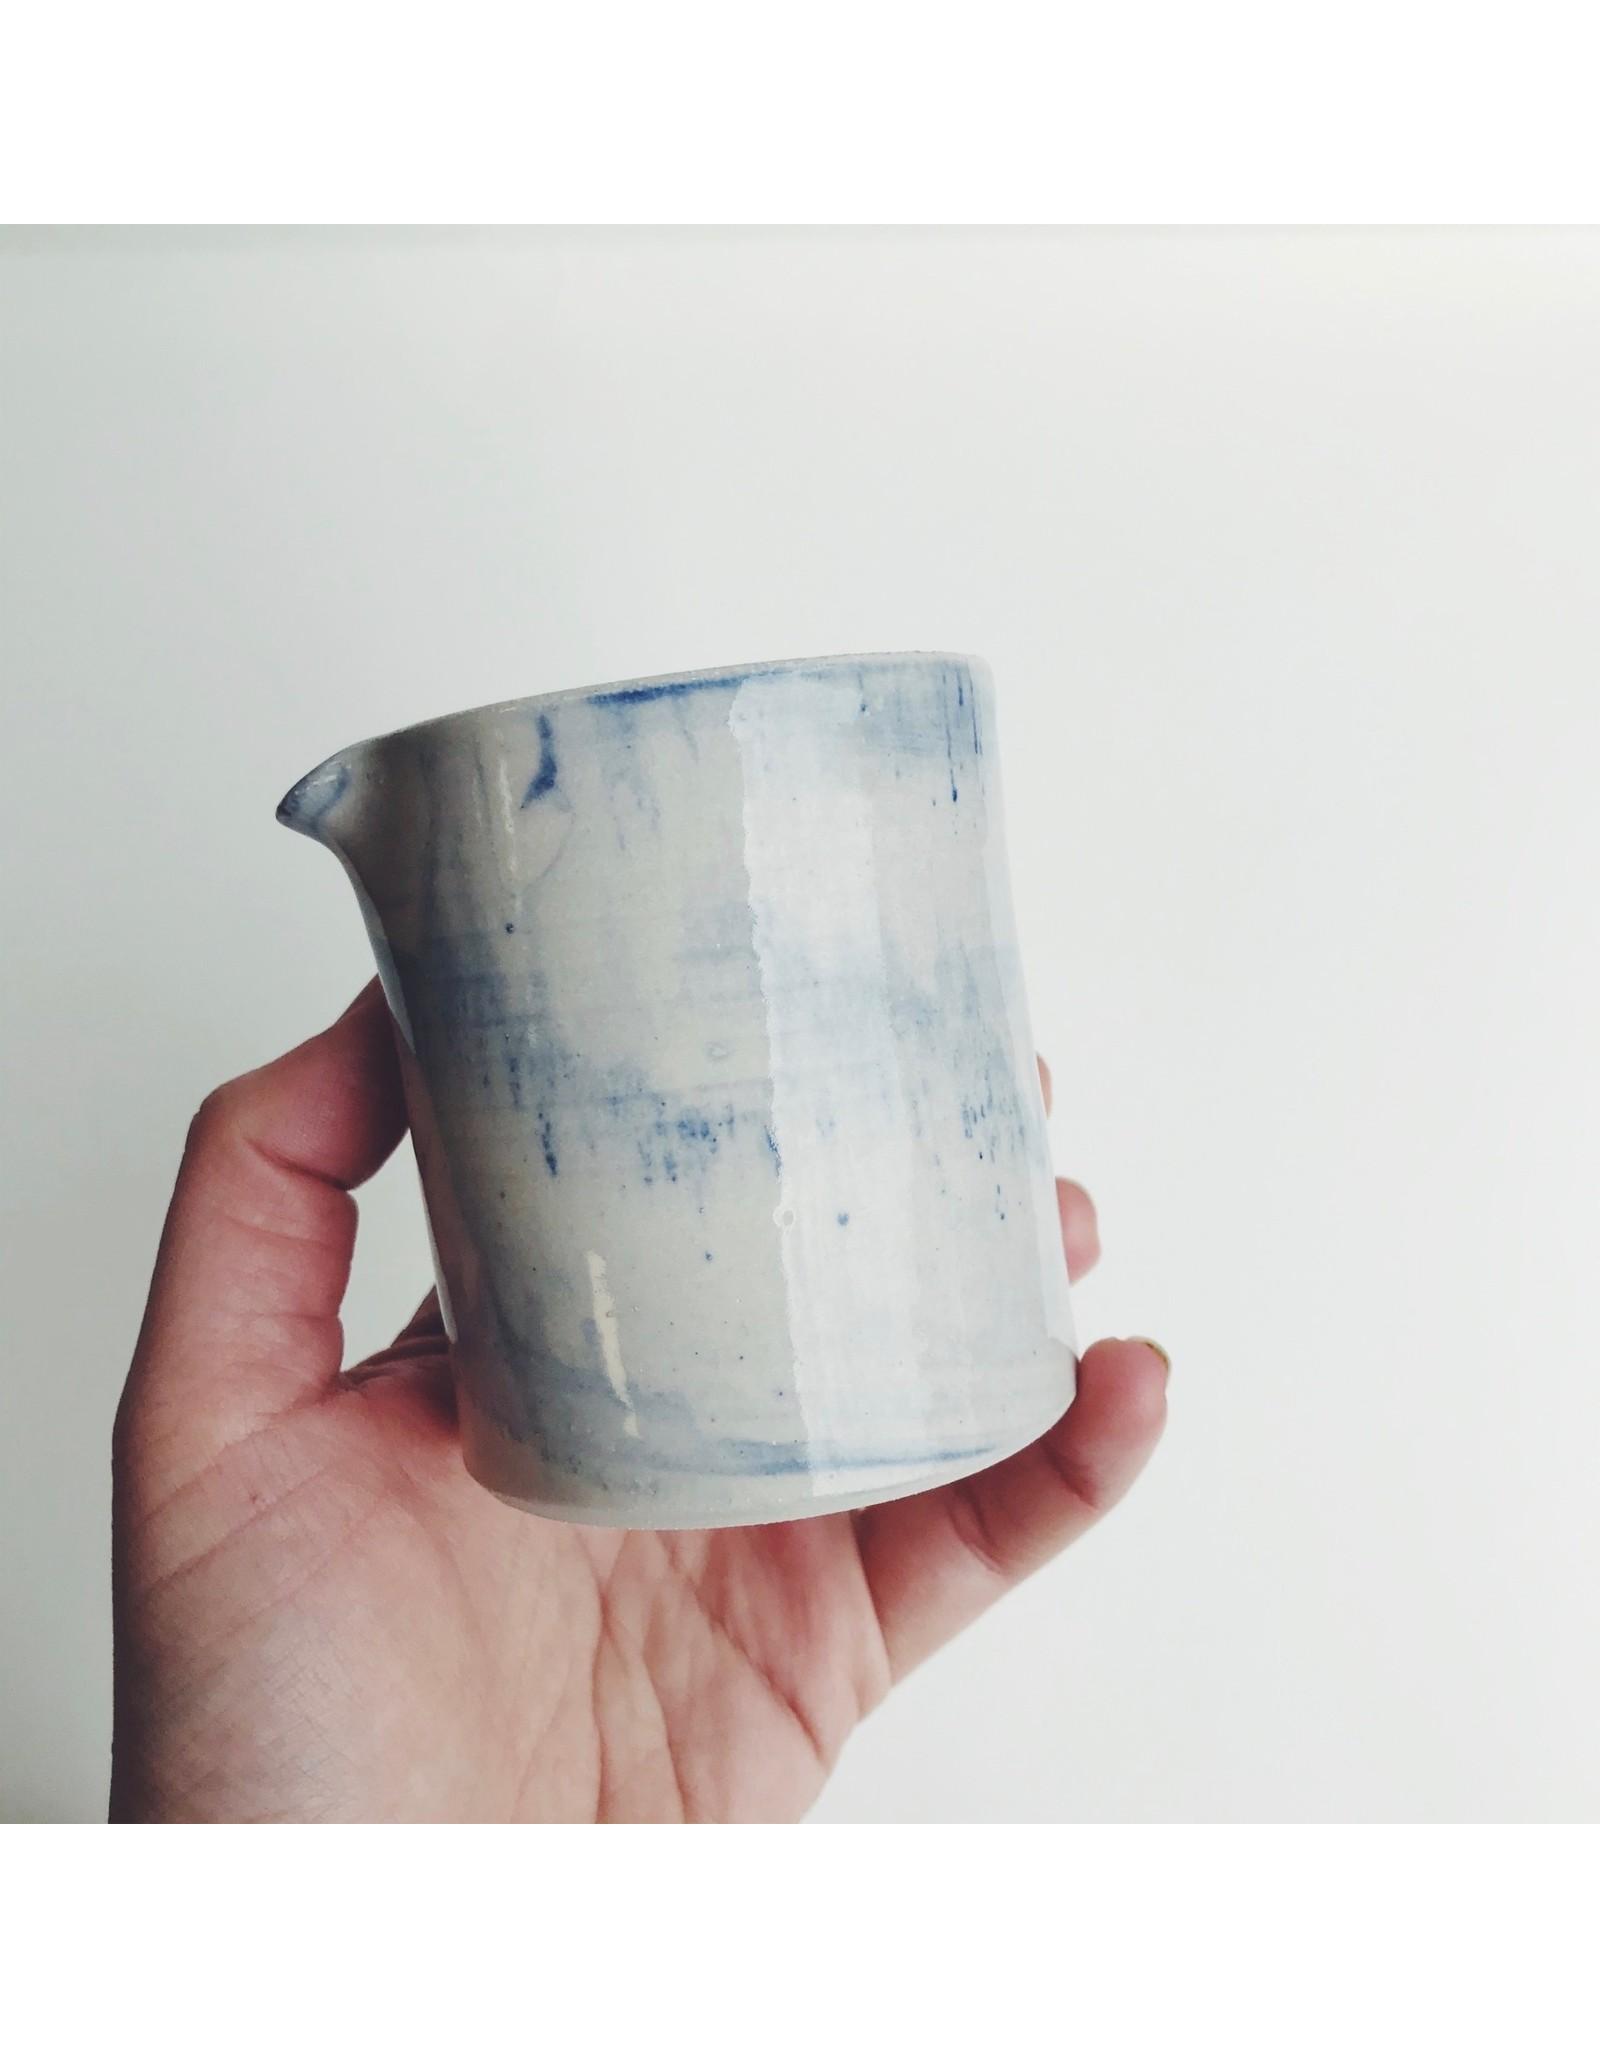 Blue Patterned Ceramic Jug